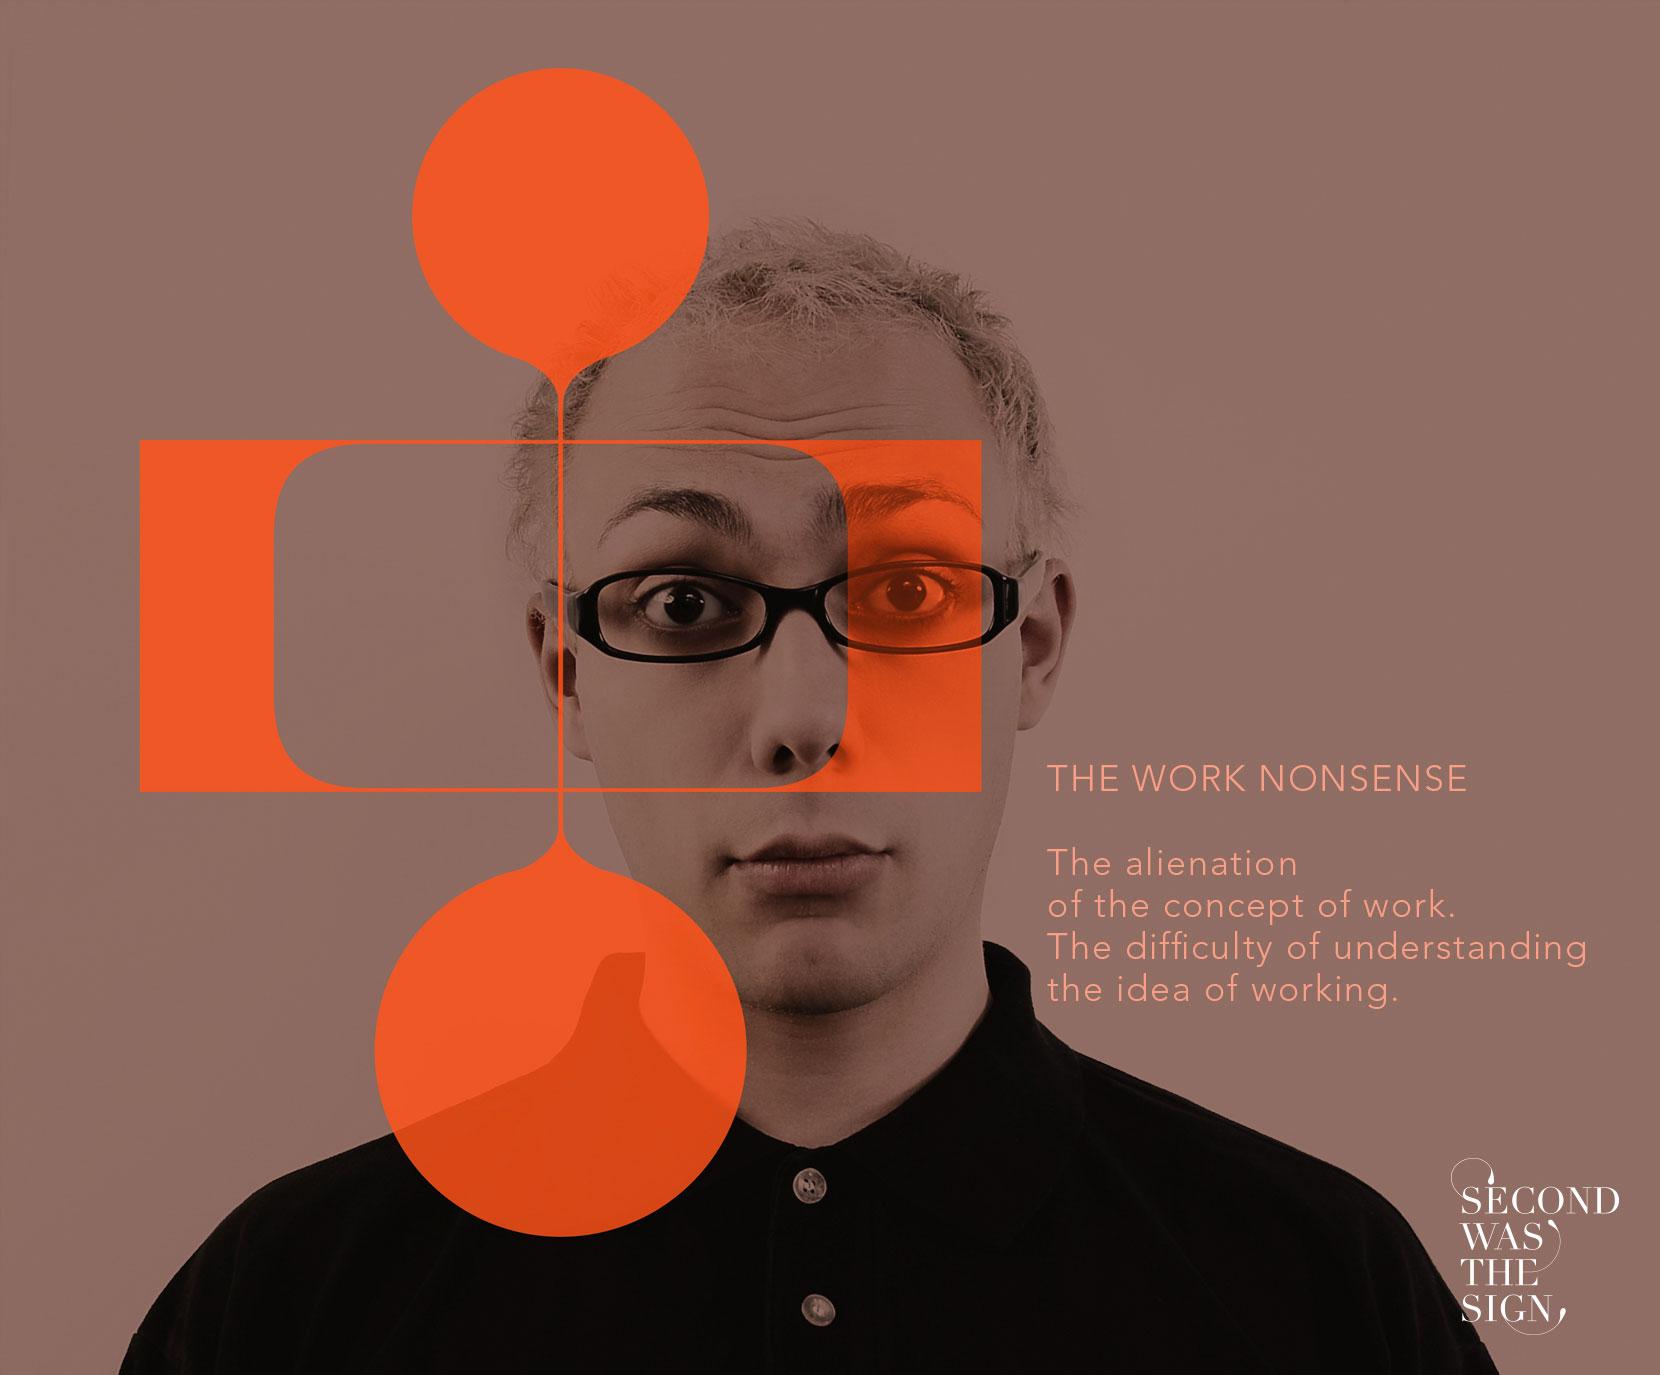 monogram-silvio-cocco-graphic-design-12